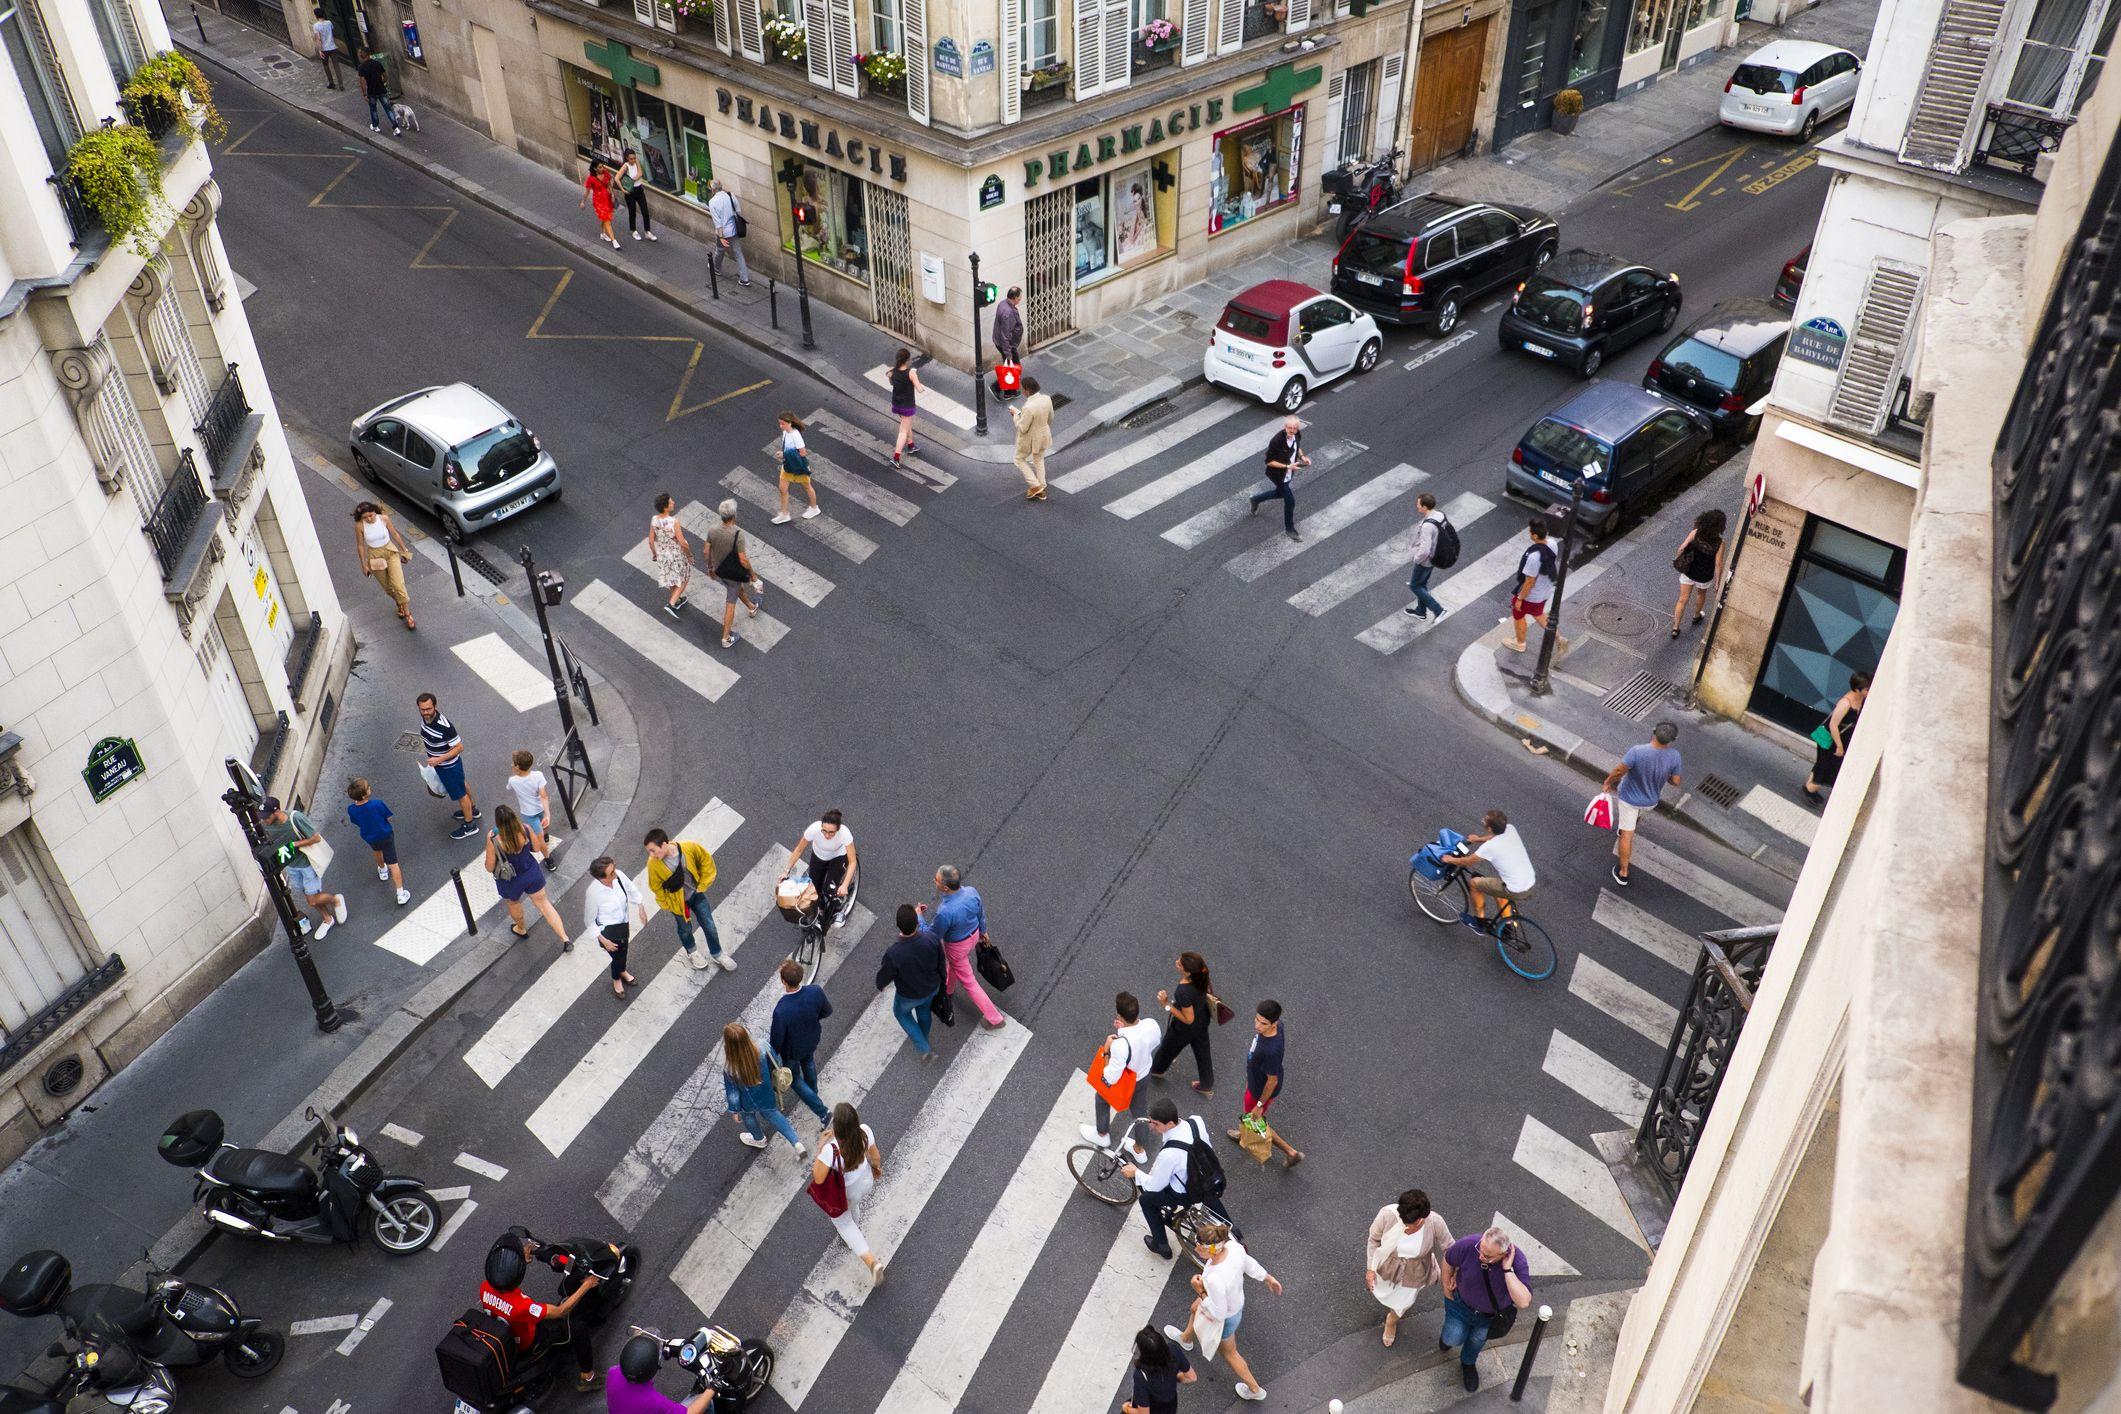 La ciudad que ya prohíbe hoy coches diésel anteriores a 2006 y gasolina previos a 1997